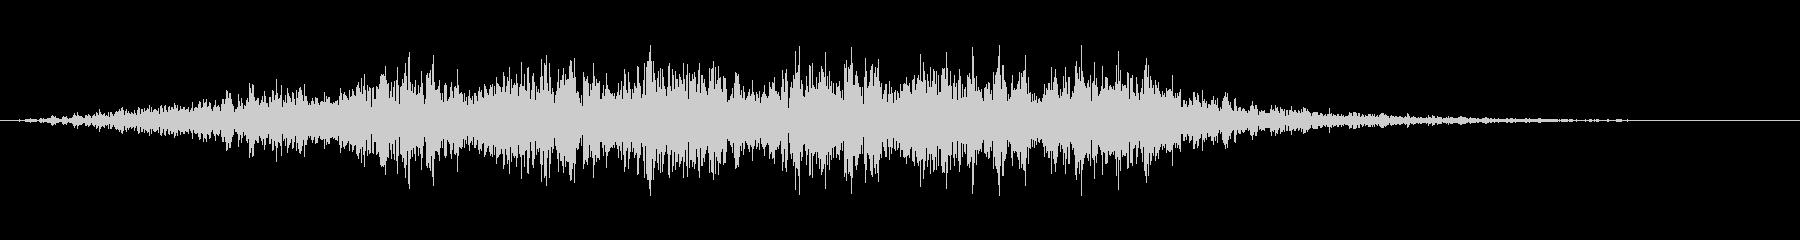 シューッという音EC07_92_1 2の未再生の波形